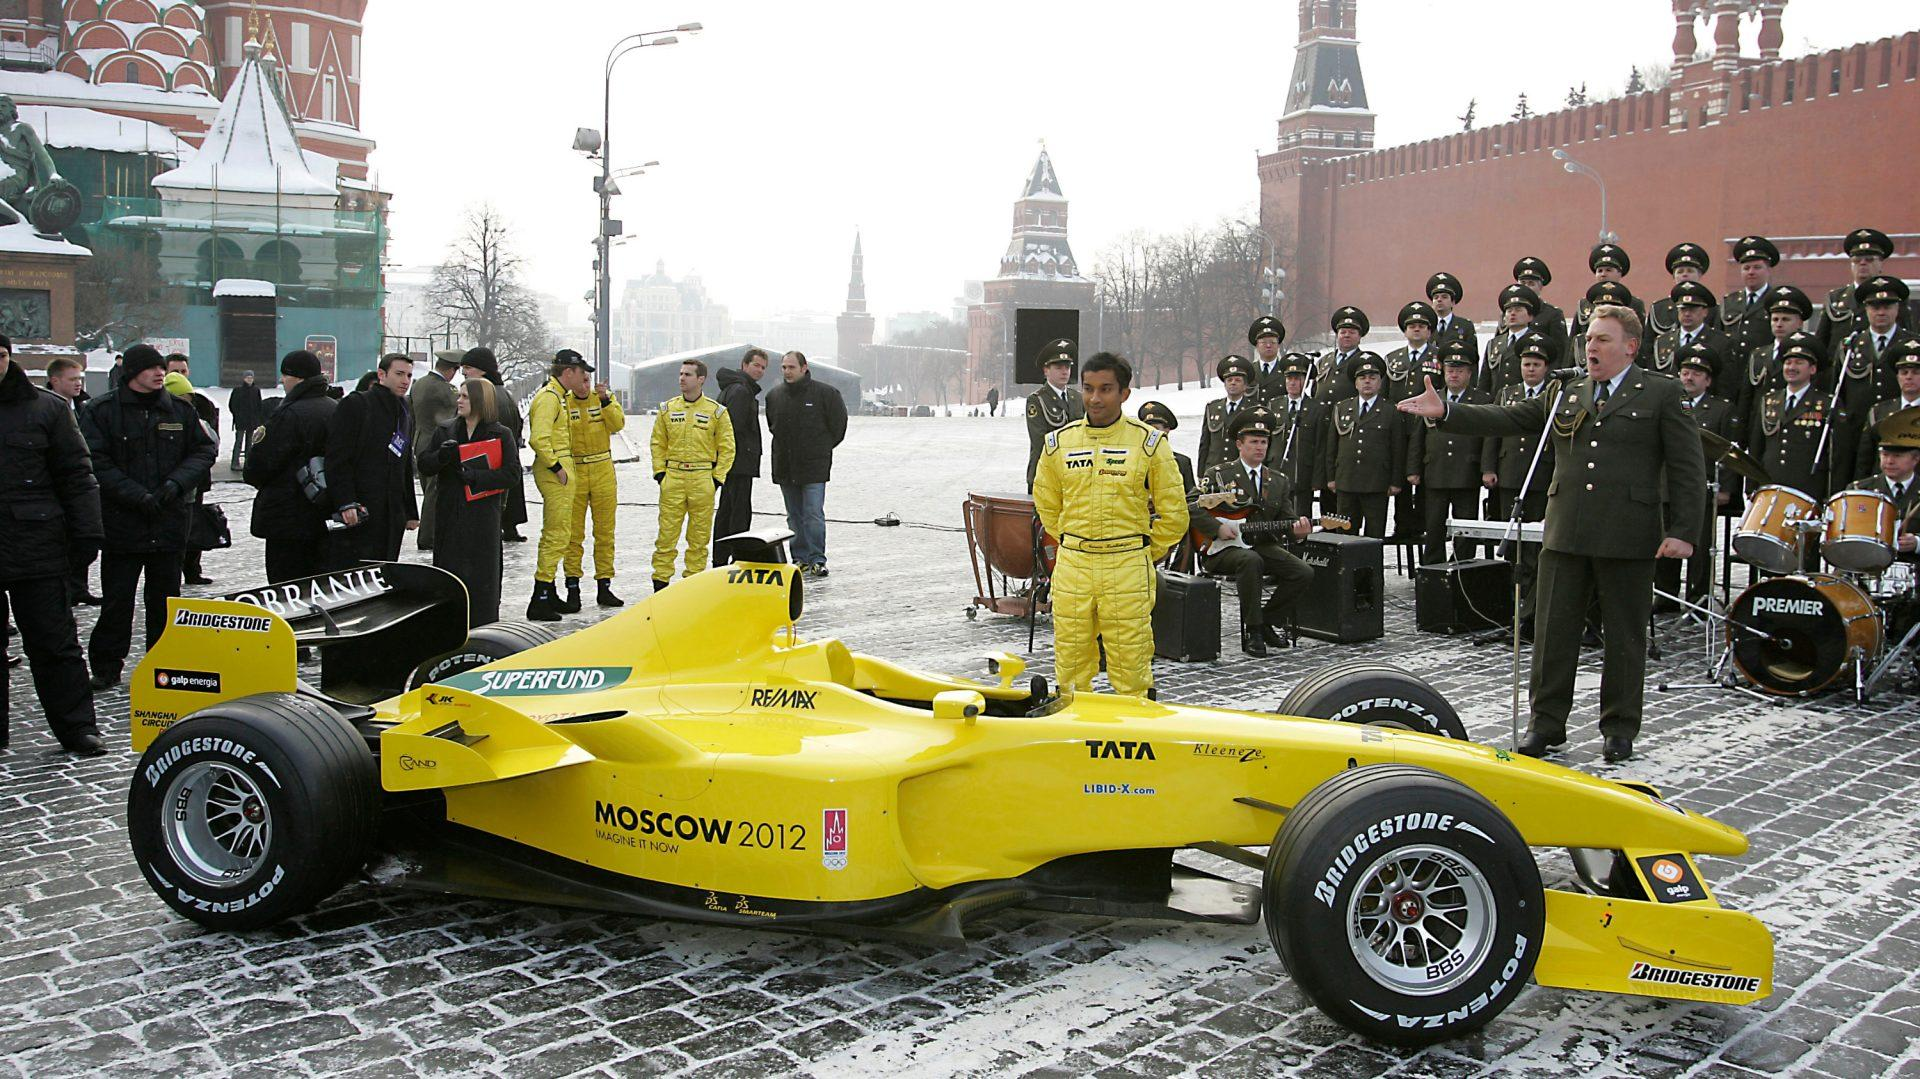 I piloti Tiago Monteiro e Narain Karthikeyan alla presentazione della nuova Jordan nel 2005 nella piazza rossa di Mosca ricoperta dalla neve.